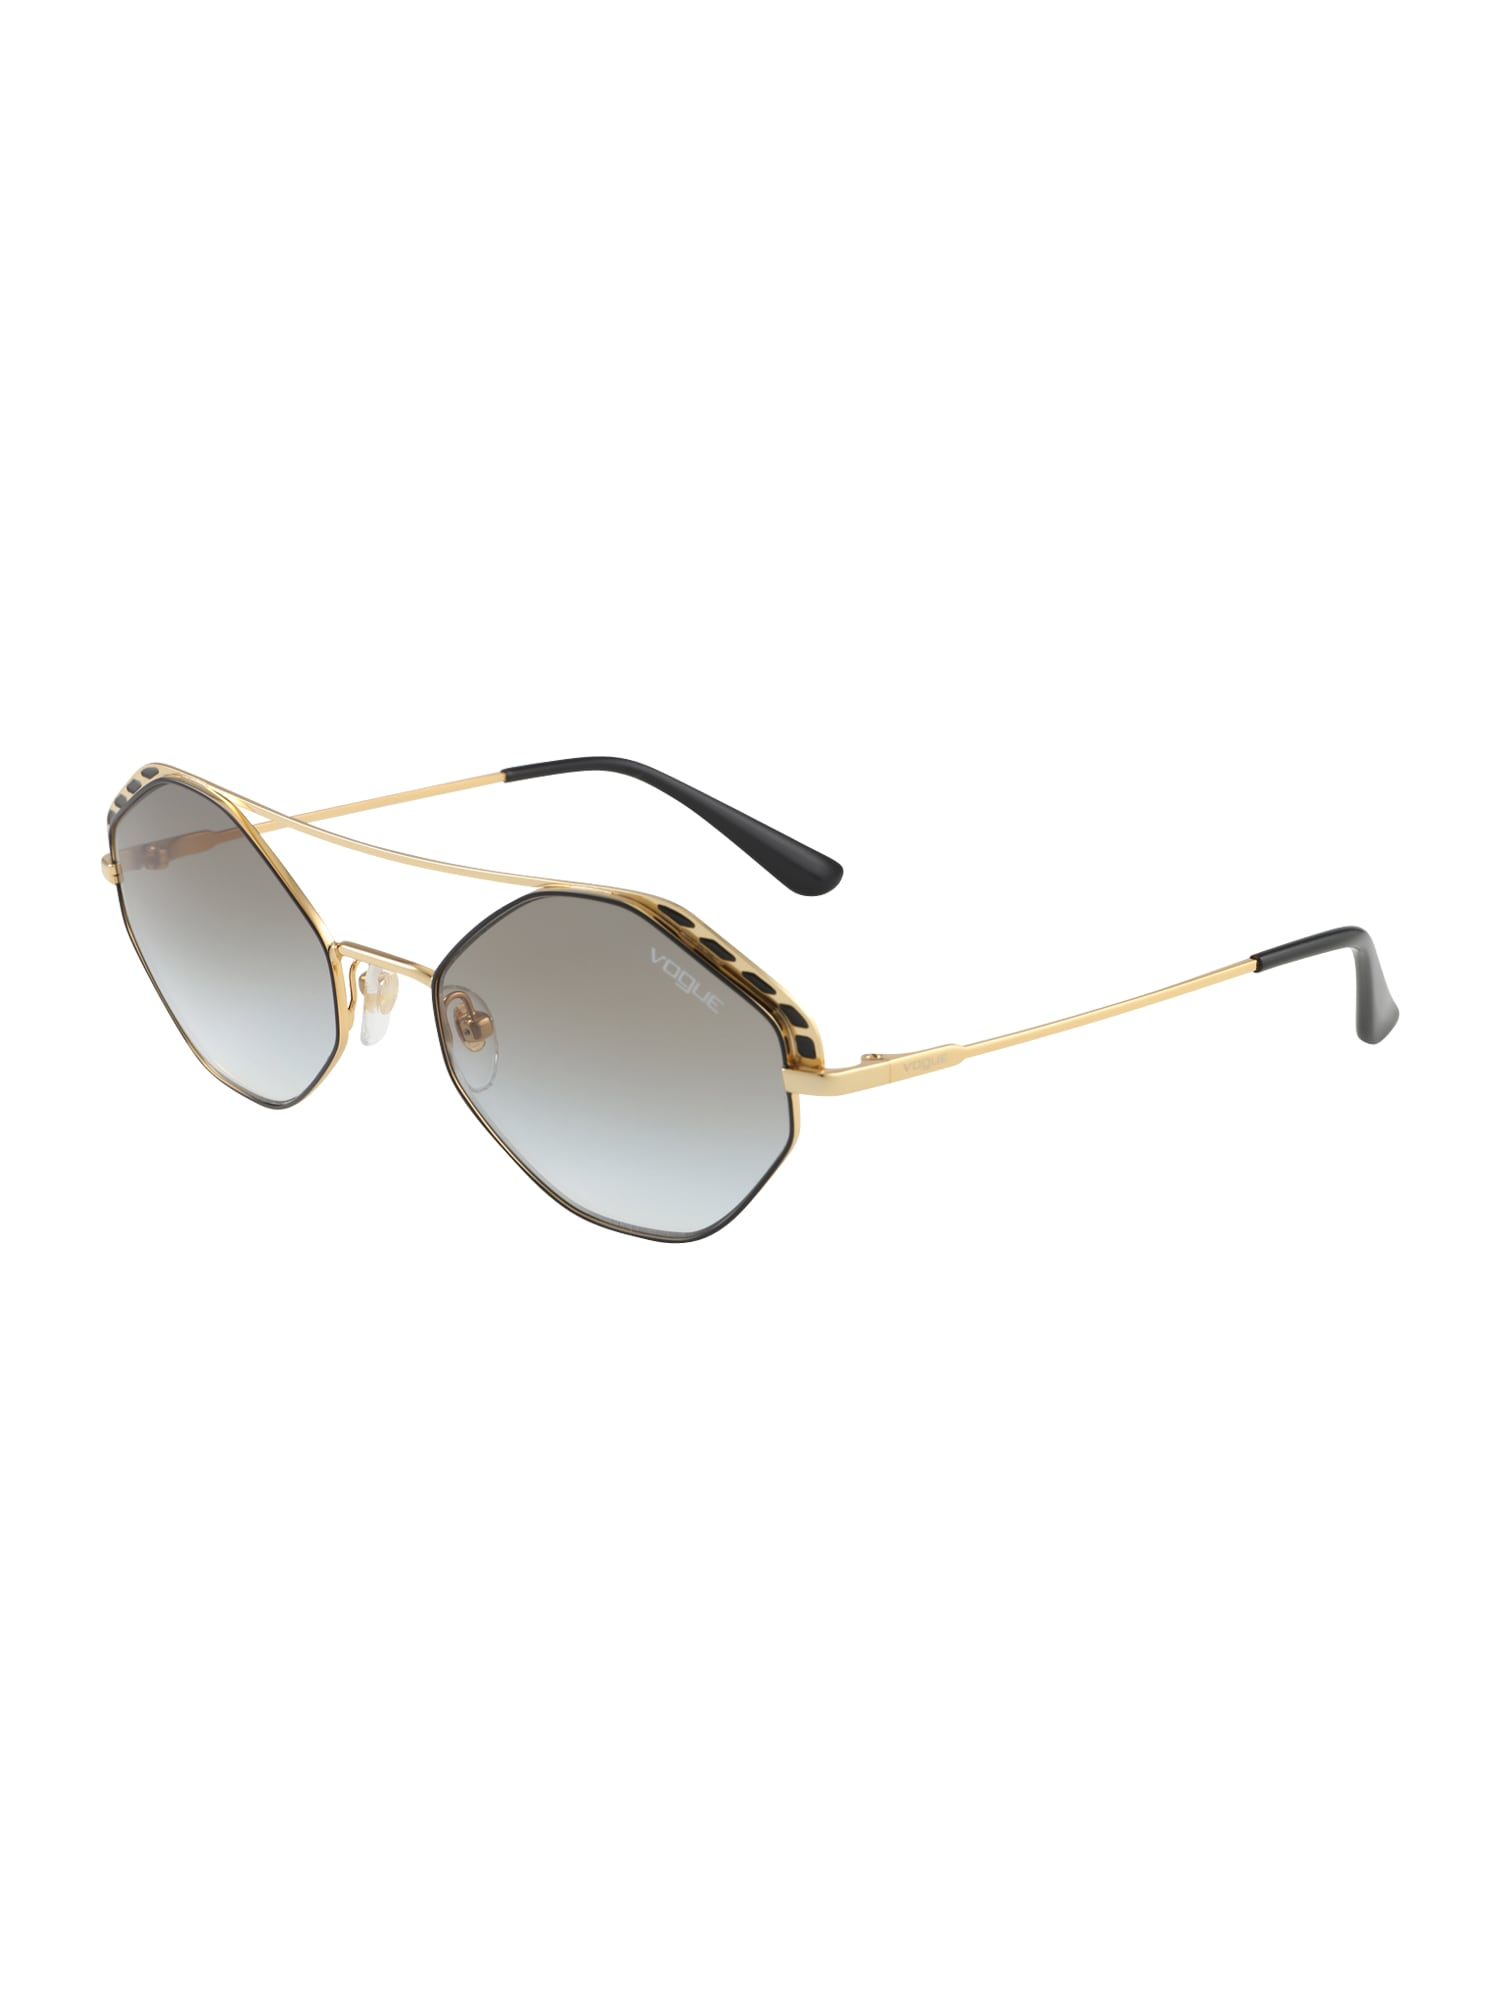 VOGUE Eyewear Akiniai nuo saulės auksas / juoda